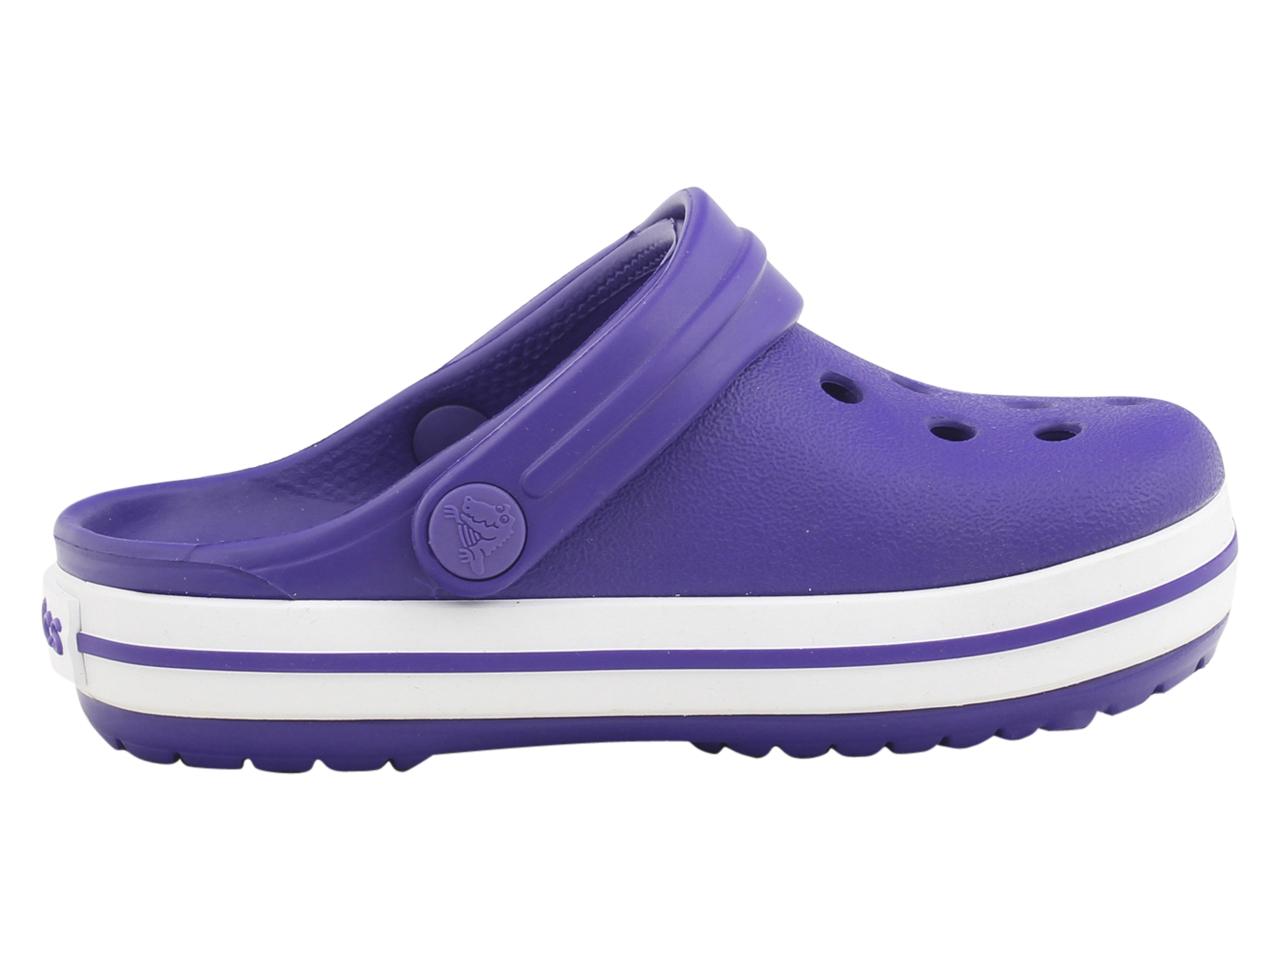 Crocs-Little-Kid-039-s-Crocband-Clogs-Sandals-Shoes thumbnail 19